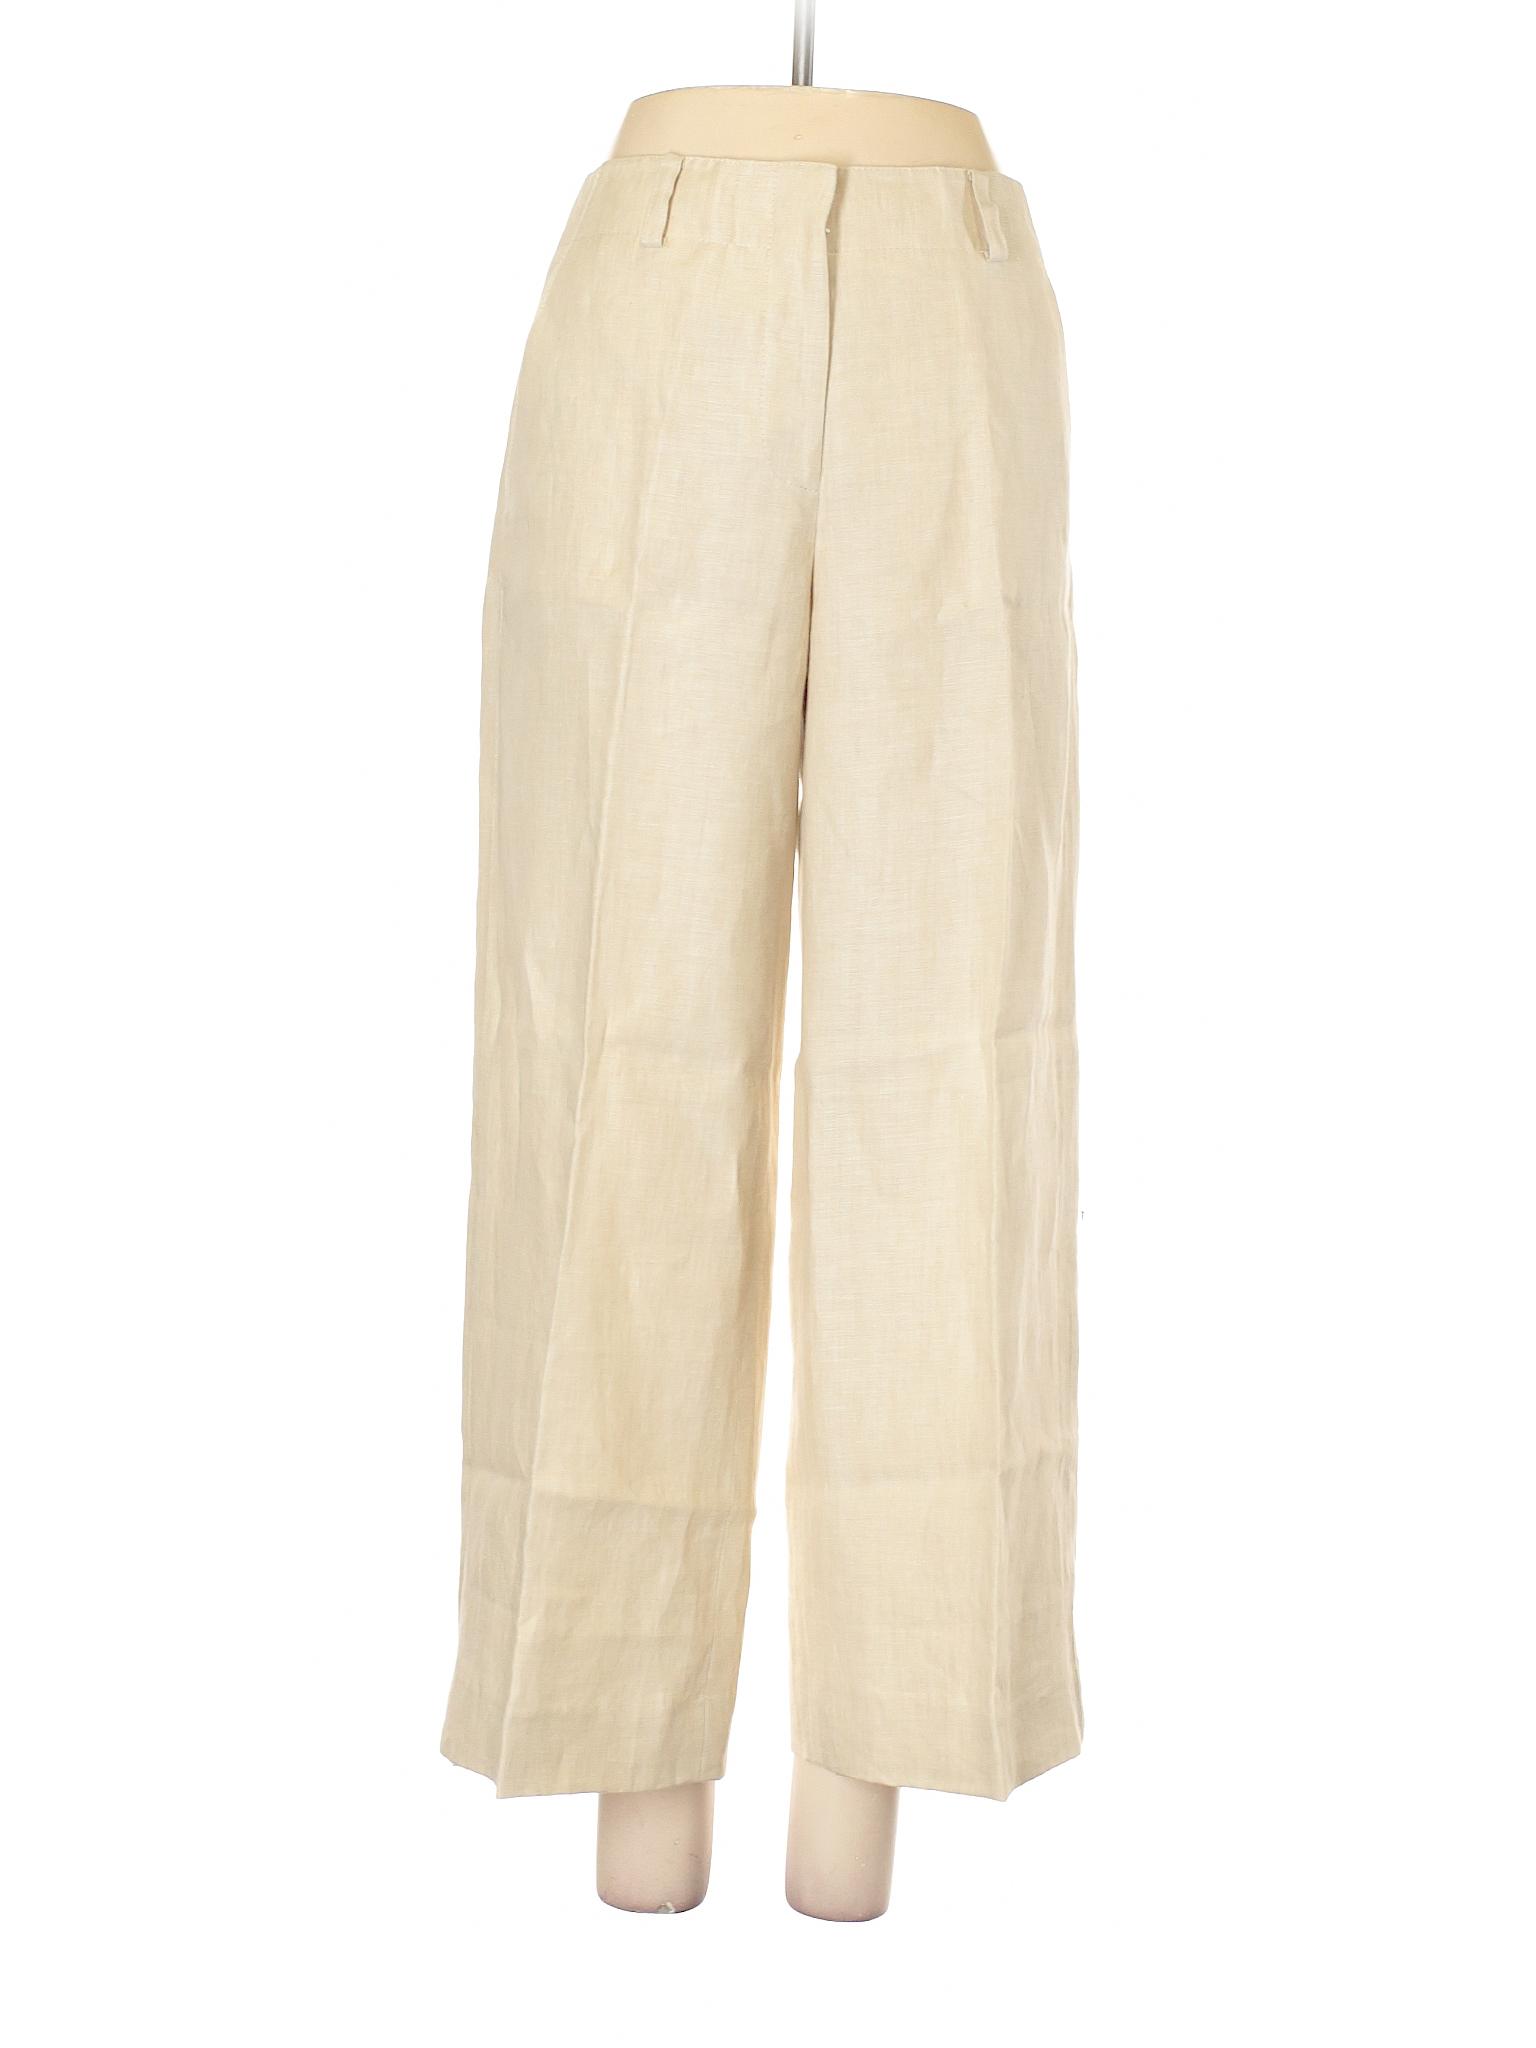 Boutique Boutique DKNY DKNY Pants Linen P0dqdU7